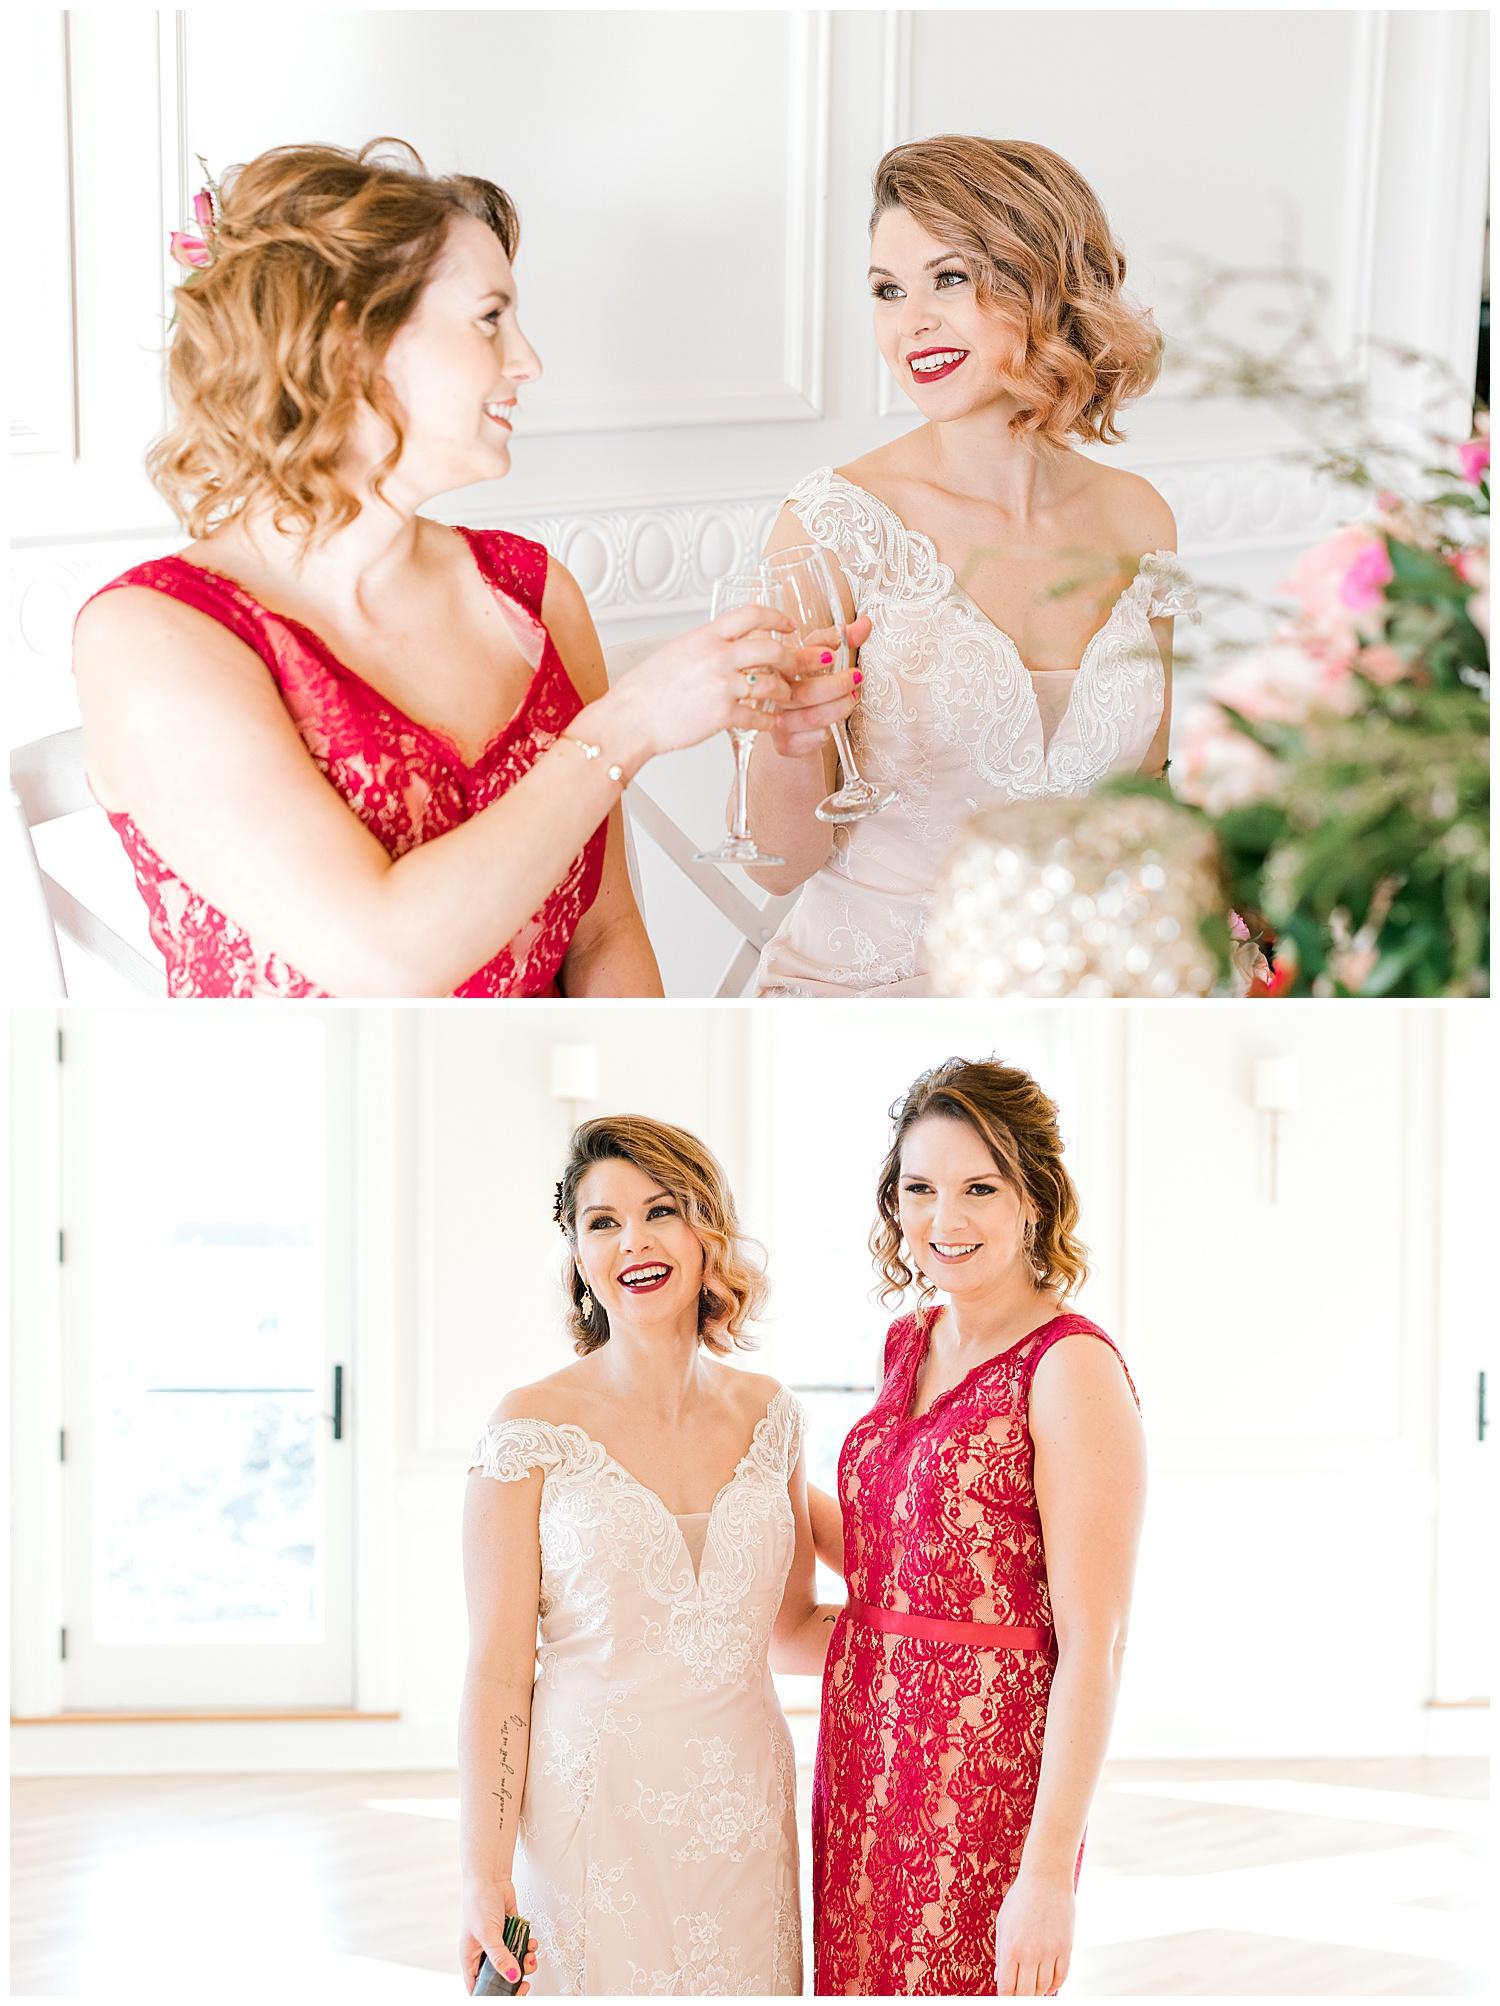 valentines-day-galentines-newport-wedding-photography-queen-annes-loft.-39.jpg